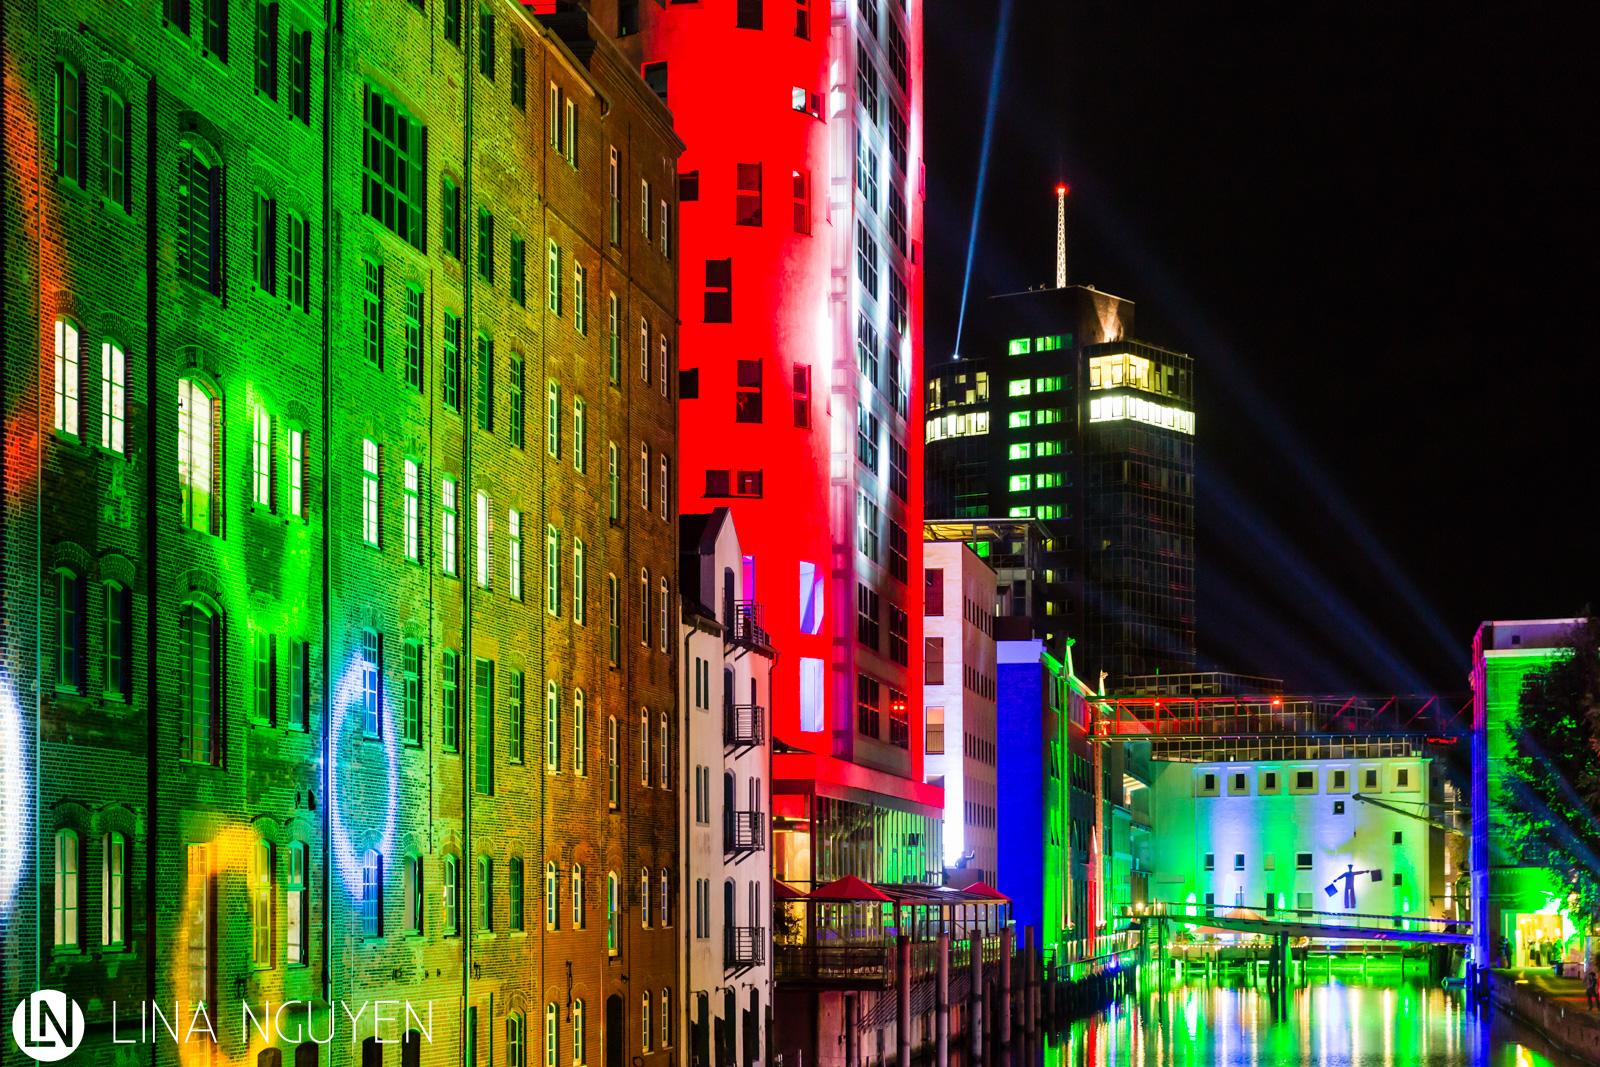 3. Nacht der Lichter, Hamburg-Harburg